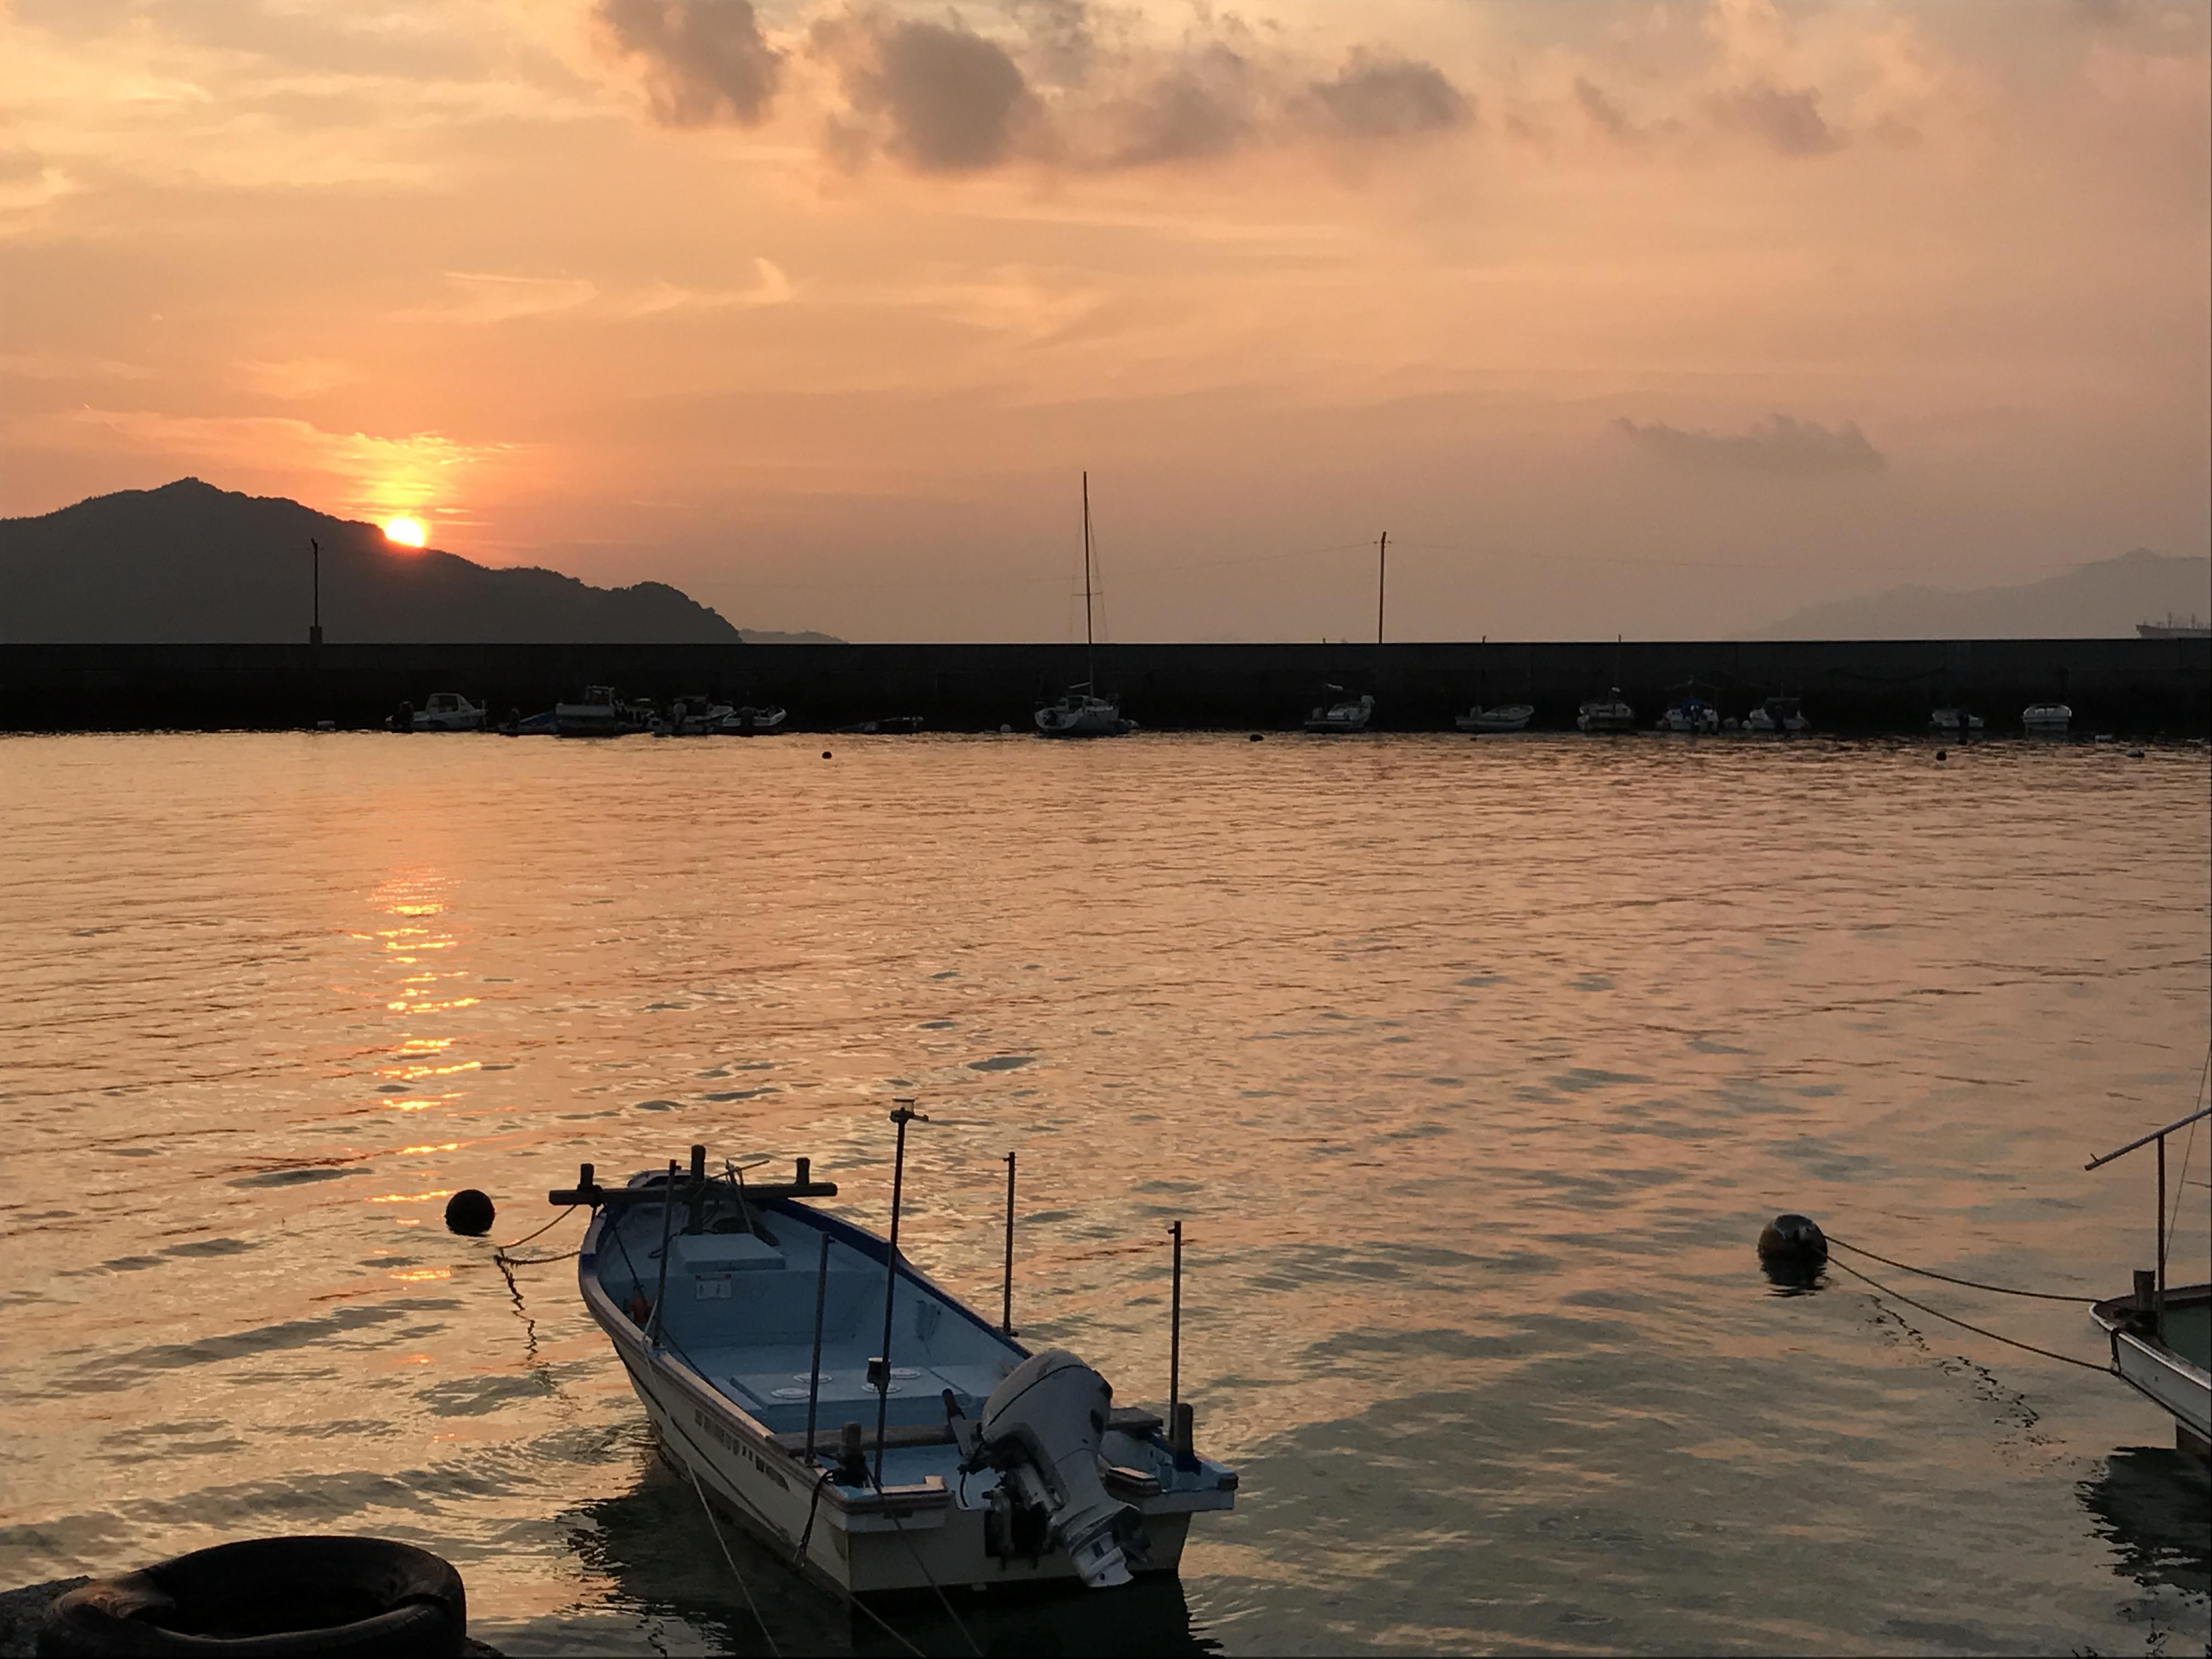 愛媛で渦潮?!エキサイティングな体験が出来る「しまなみ海道」のアクティビティに参加してみた!